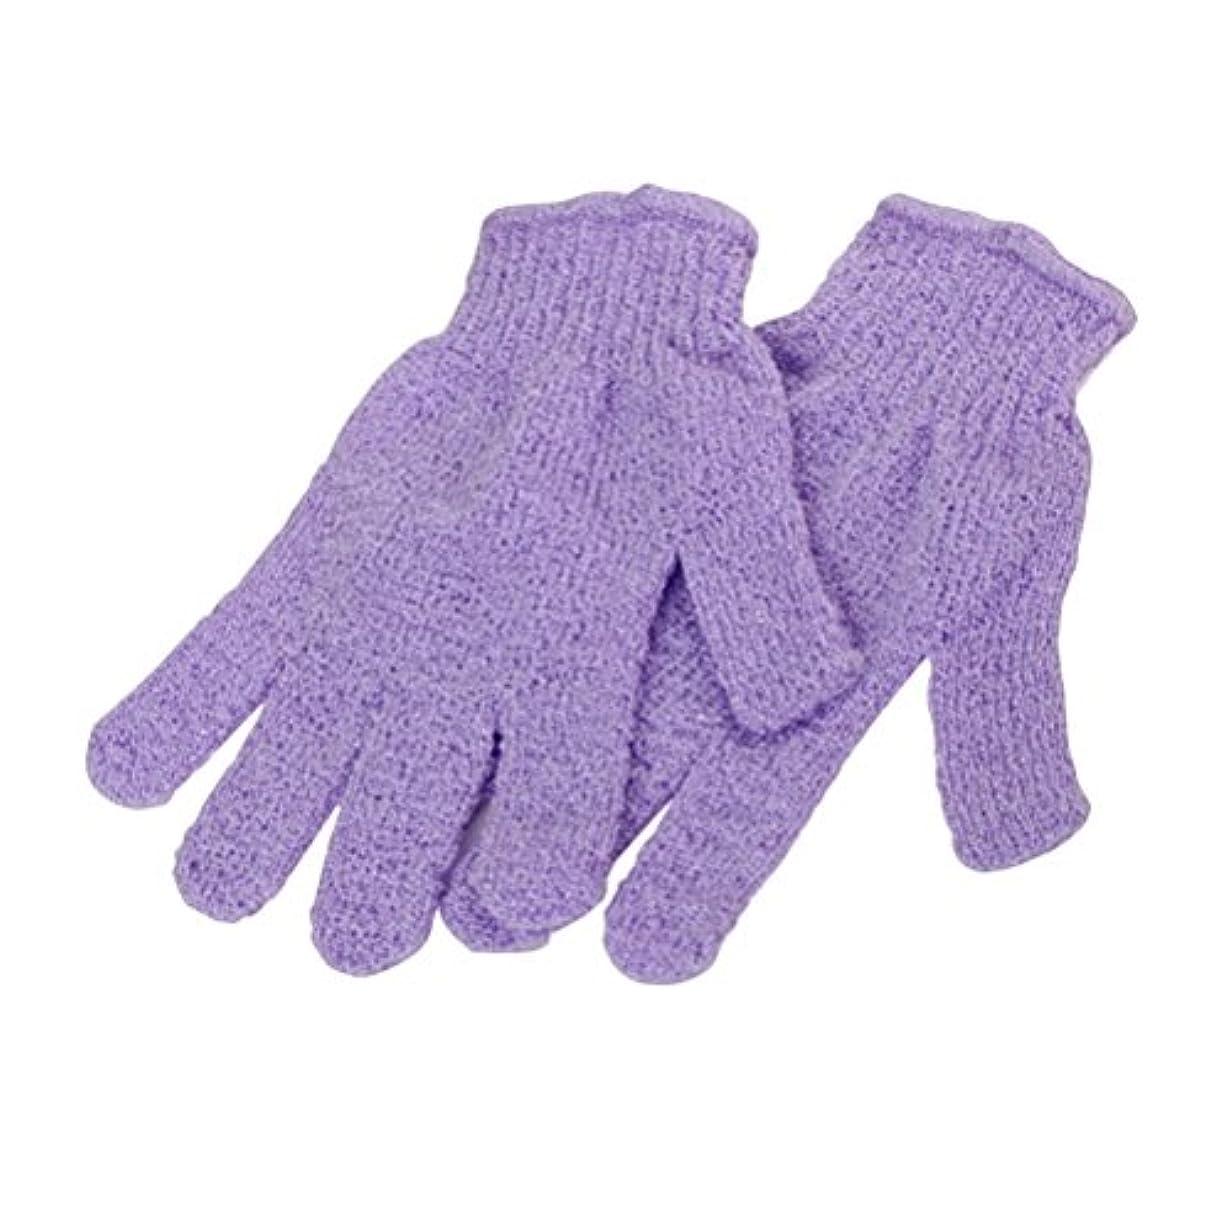 氏目に見える出くわすSUPVOX 2対のシャワー用手袋浴体剥離手袋(ランダムカラー)